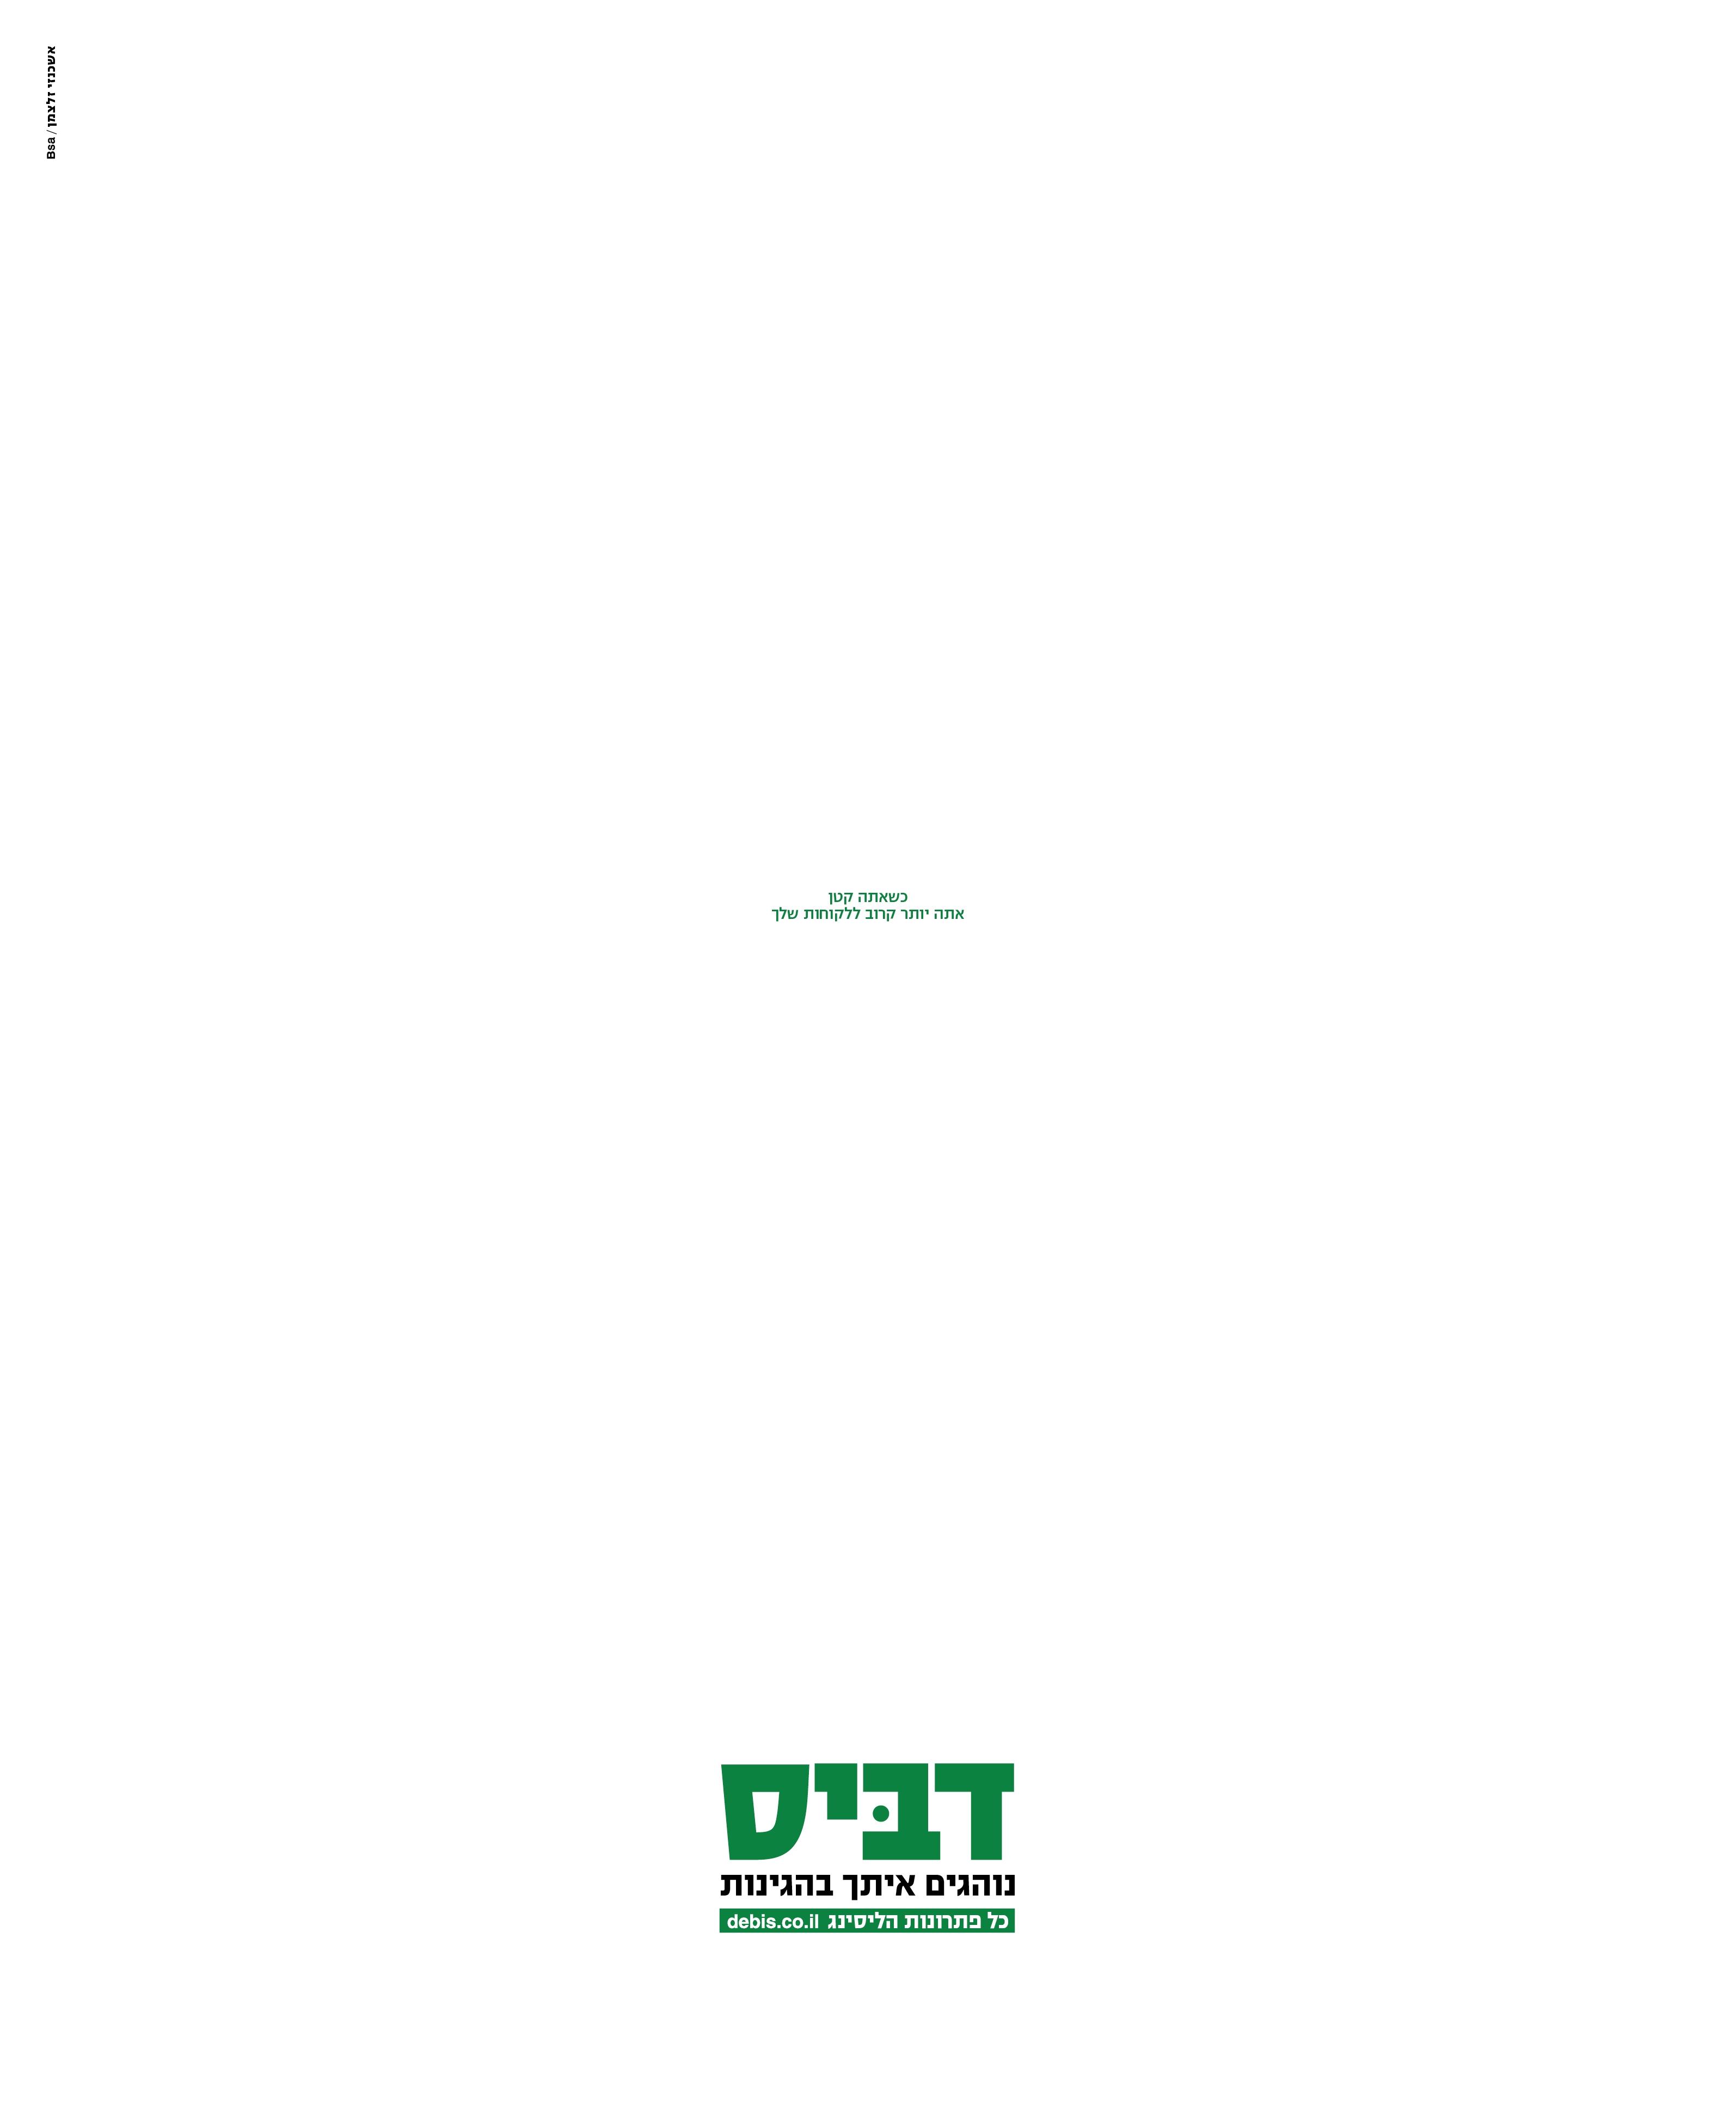 מדד המותגים 2011 - אשכנזי זלצמן